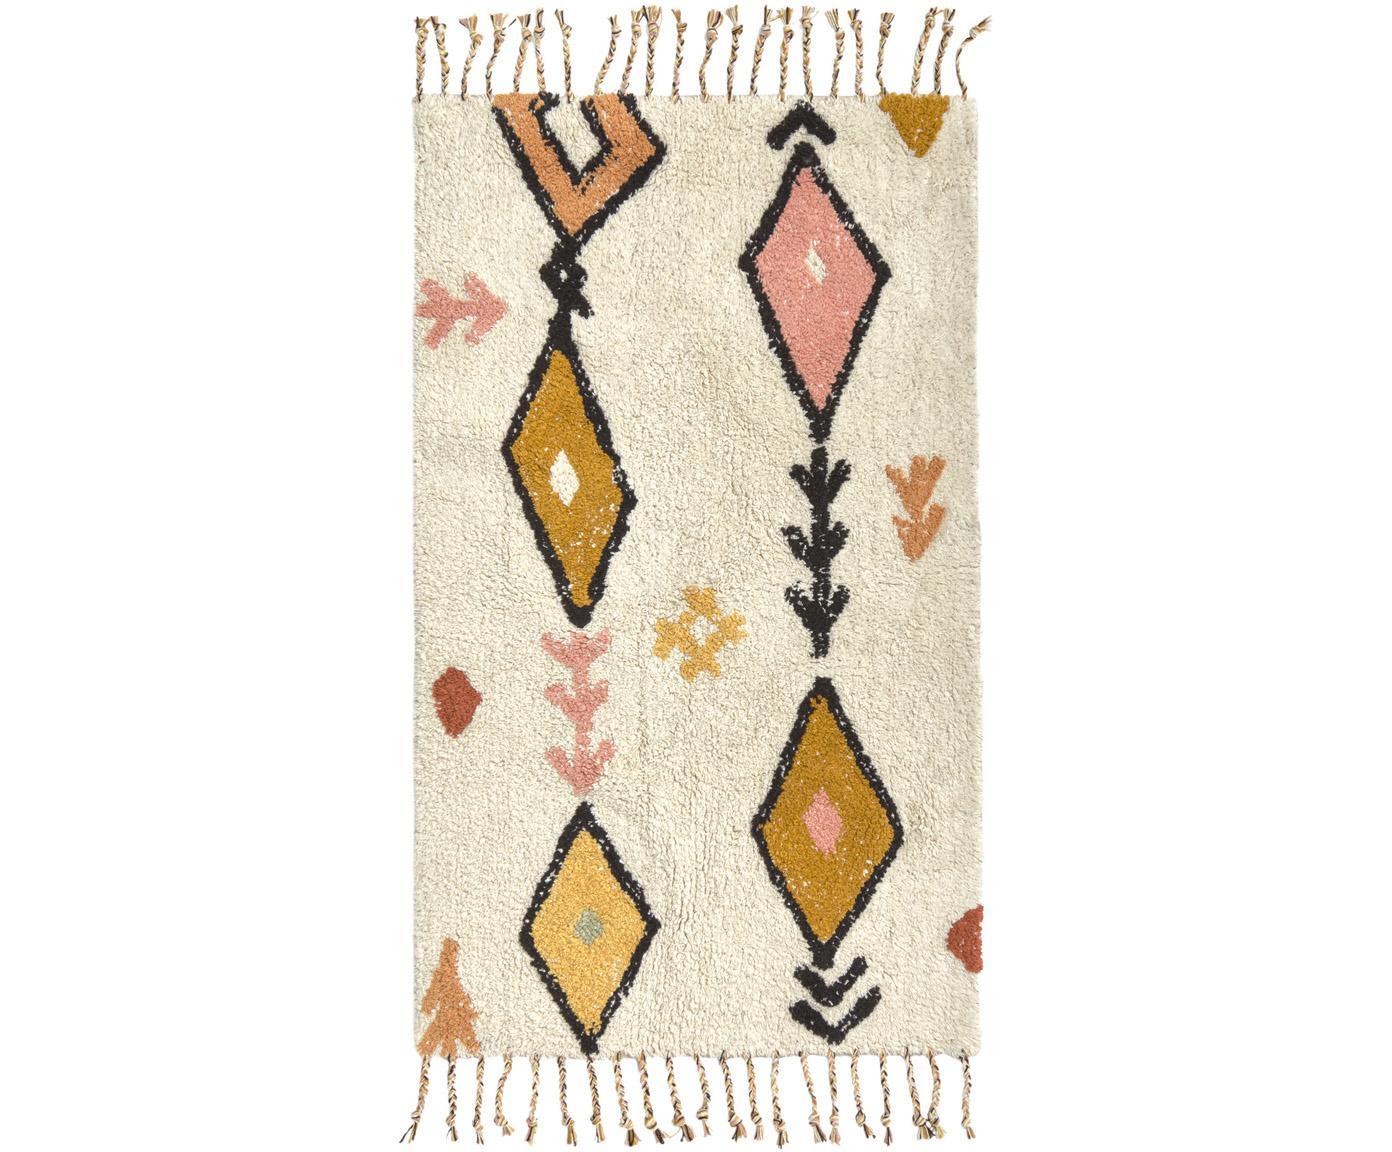 Teppich Bereber mit Ethno-Muster und Fransen, 100% Baumwolle, Cremefarben, Mehrfarbig, B 60 x L 90 cm (Größe XXS)